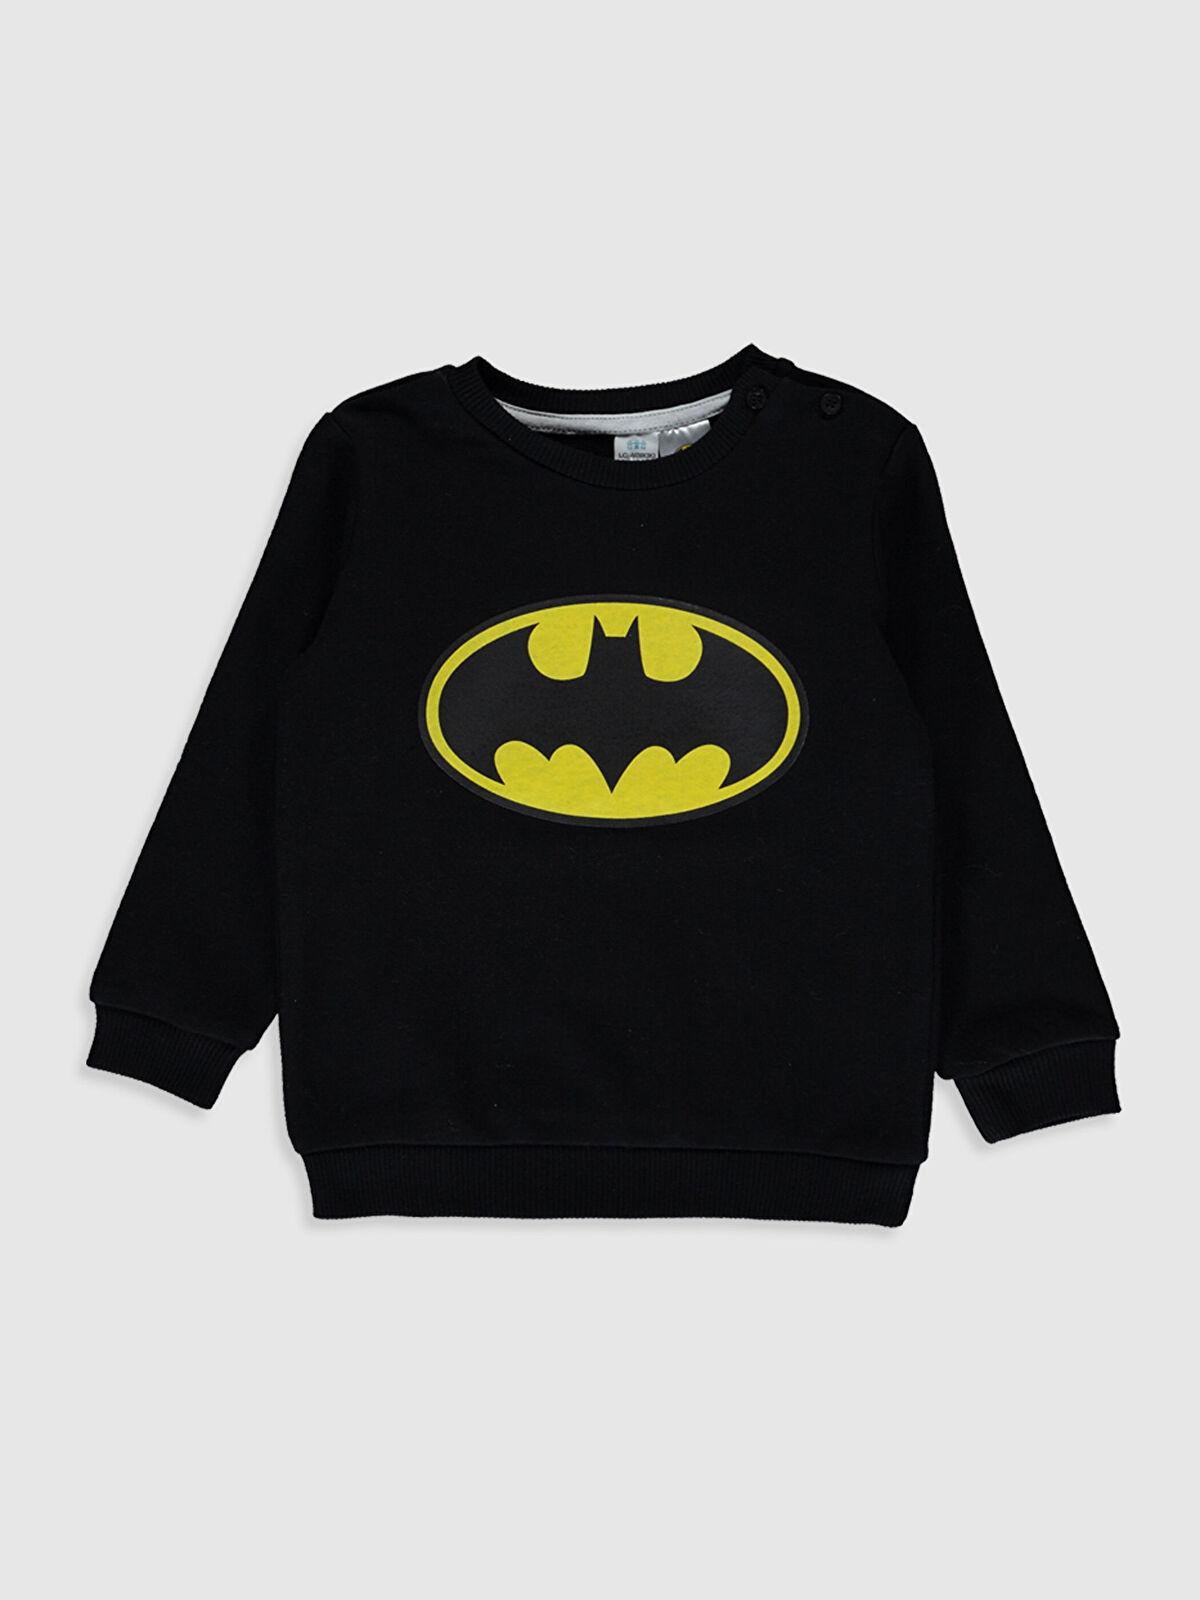 Erkek Bebek Batman Desenli Sweatshirt - LC WAIKIKI